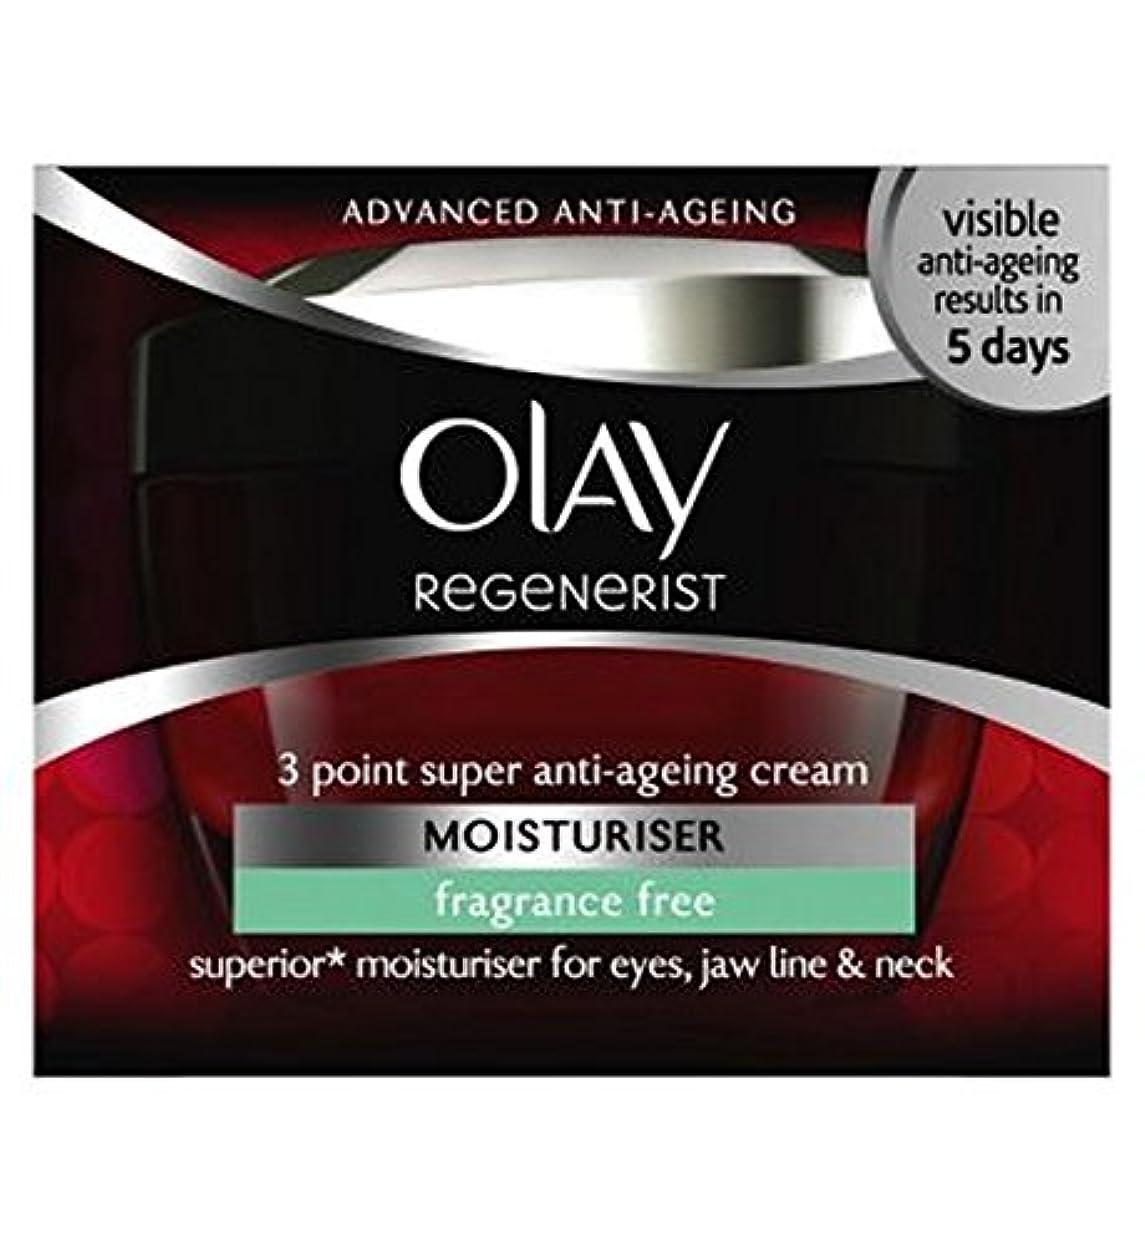 中絶第カテナオーレイリジェネ3ポイント超の年齢挑む無香料保湿クリーム50Ml (Olay) (x2) - Olay Regenerist 3 Point Super Age-Defying Fragrance Free Moisturiser 50ml (Pack of 2) [並行輸入品]